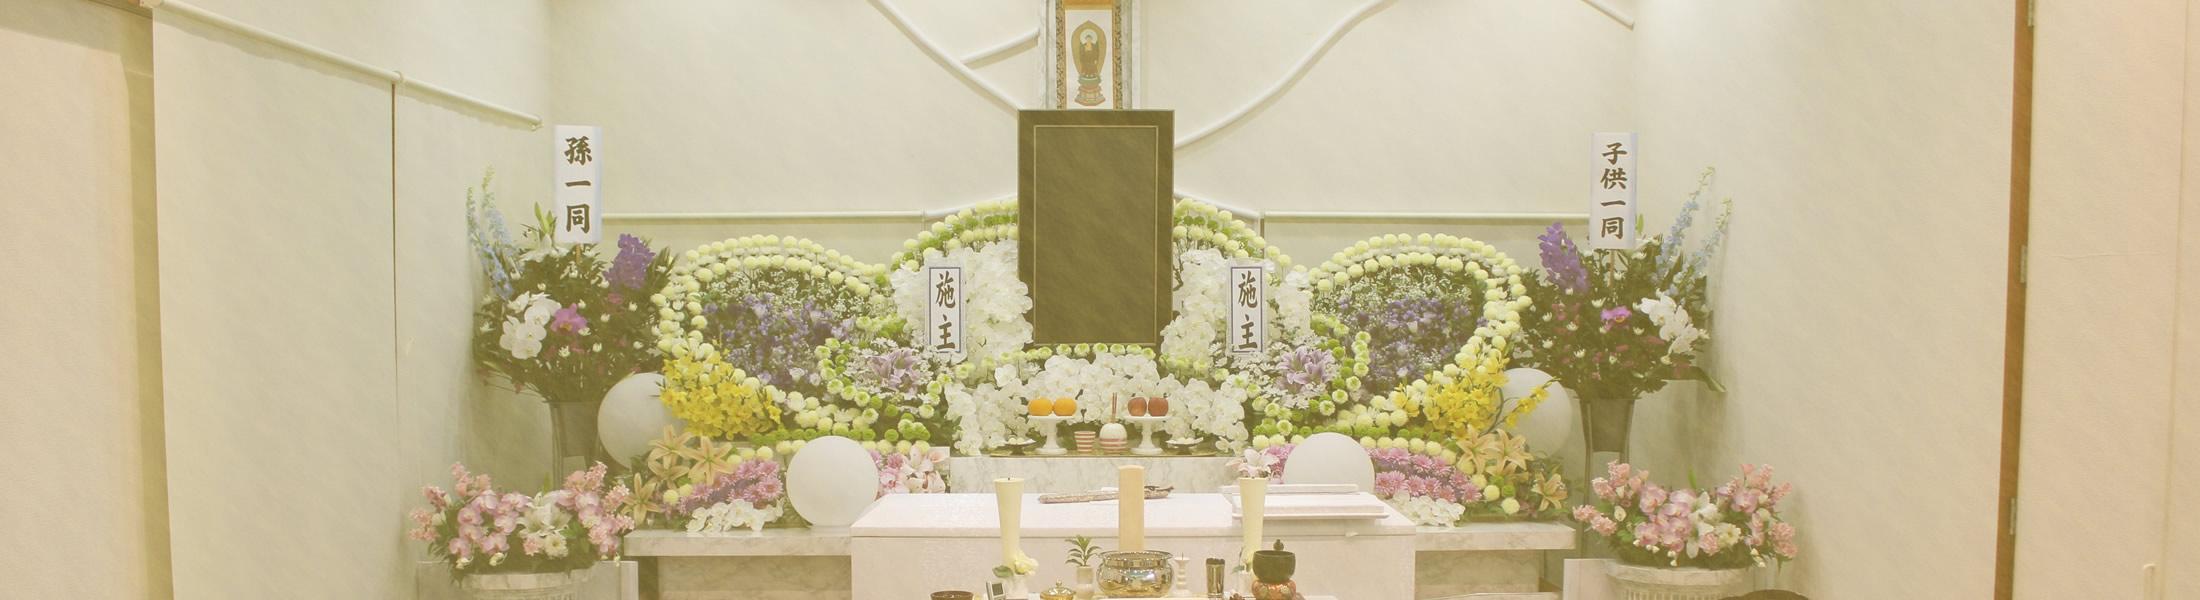 葬儀プランと費用